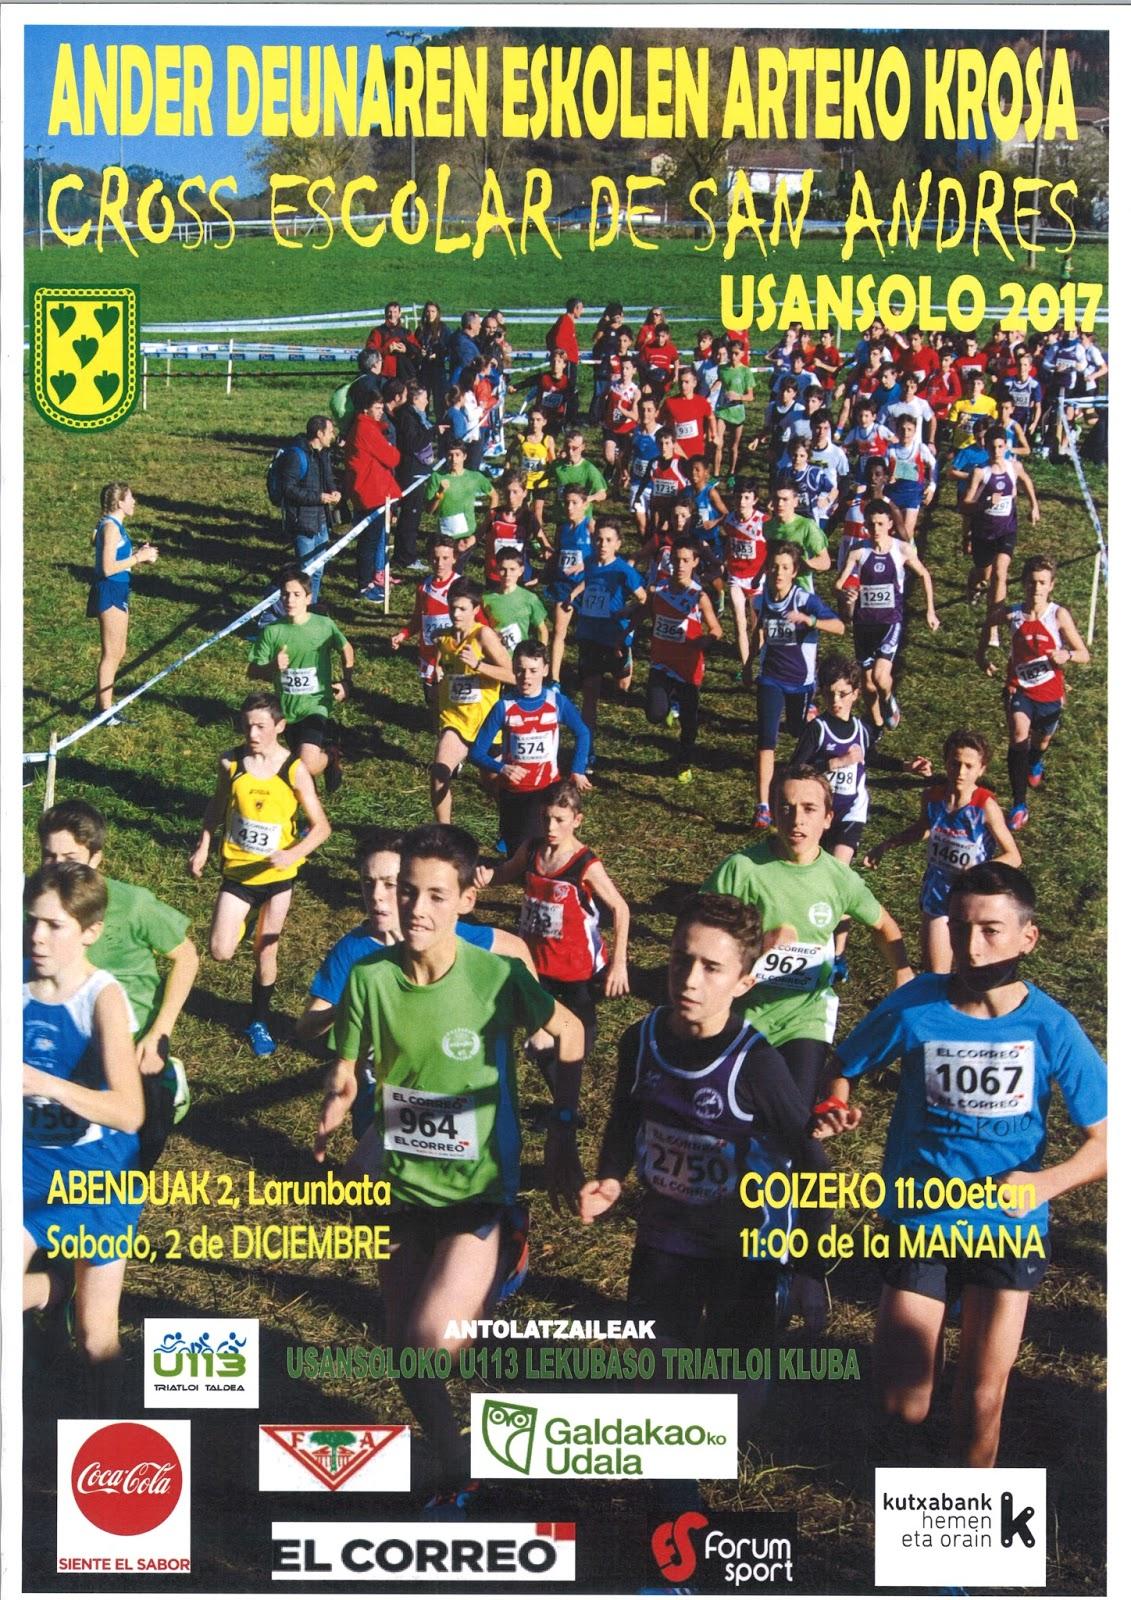 2017 12 02 Cross escolar Usansolo cartel